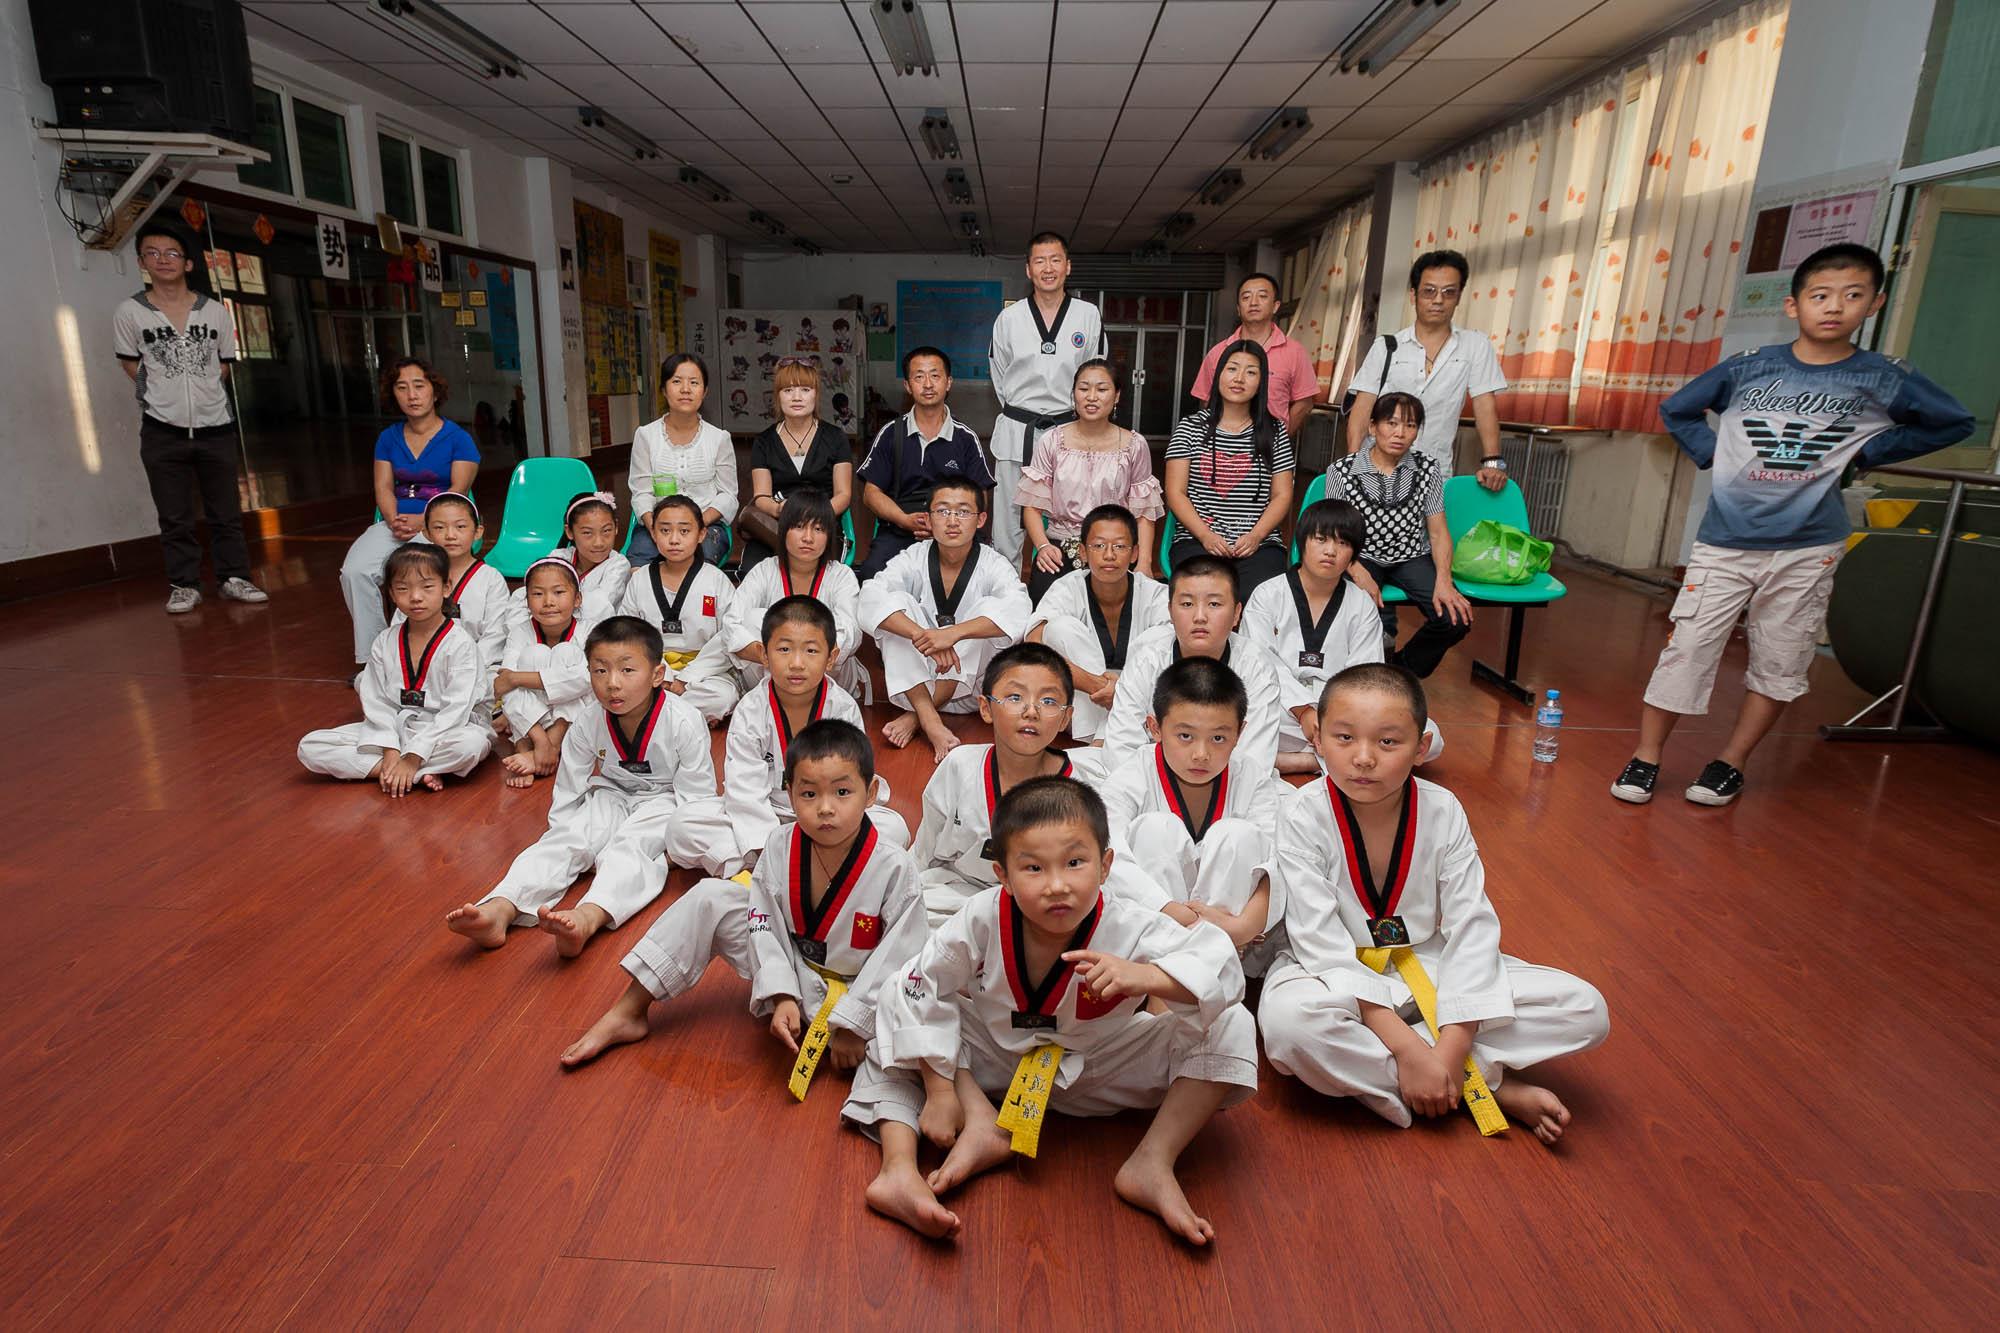 Zhu Hui's Taekwondo Club welcomed me